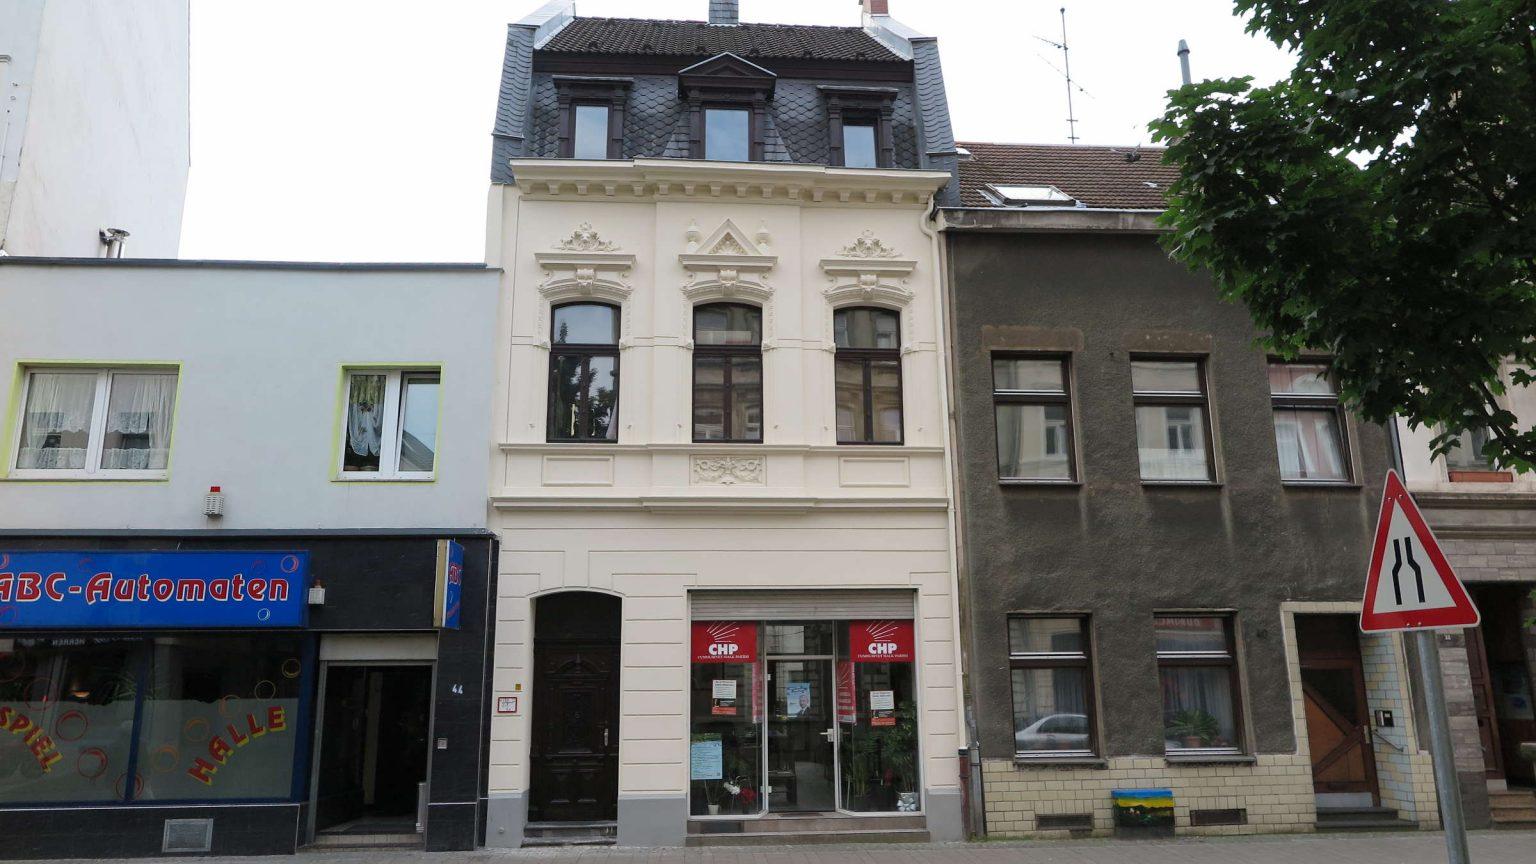 Architekt_Koeln_Denkmalschutz_Straßenansicht